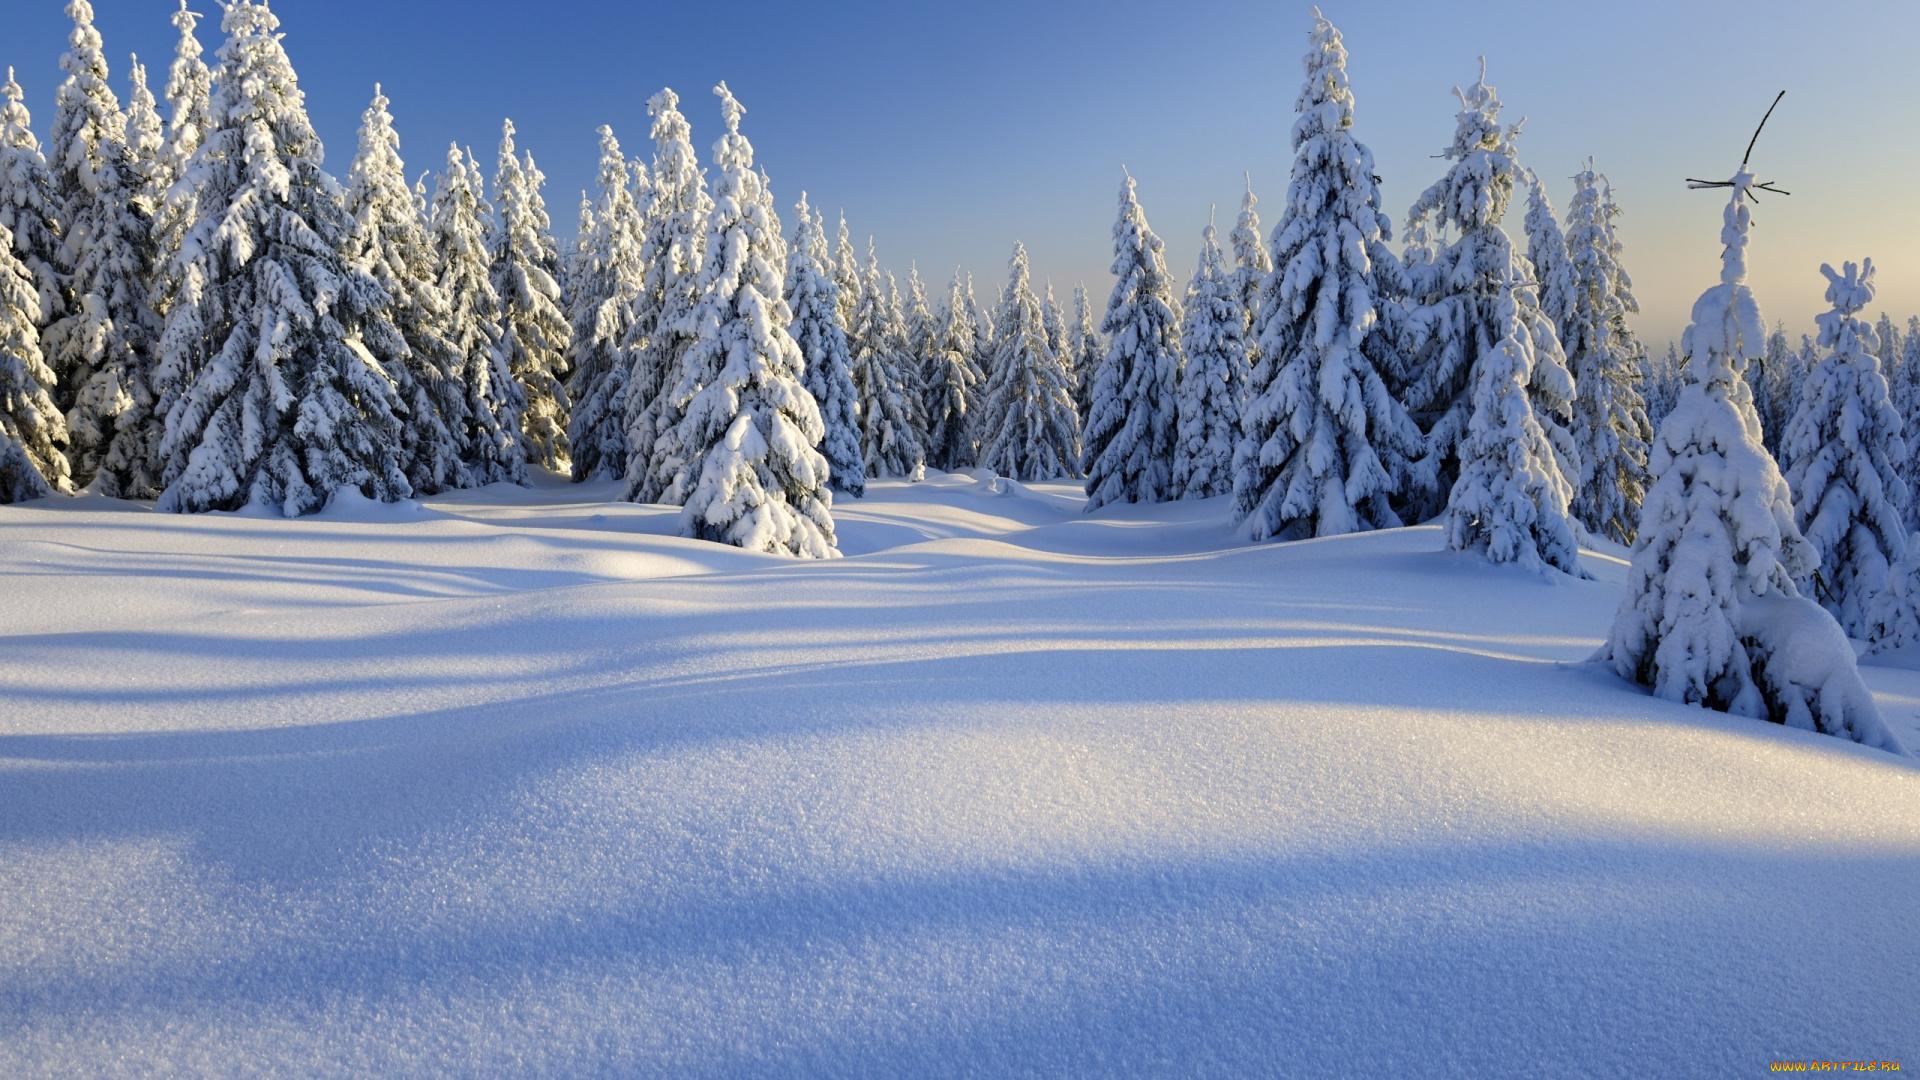 снег зима ели snow winter ate подборки